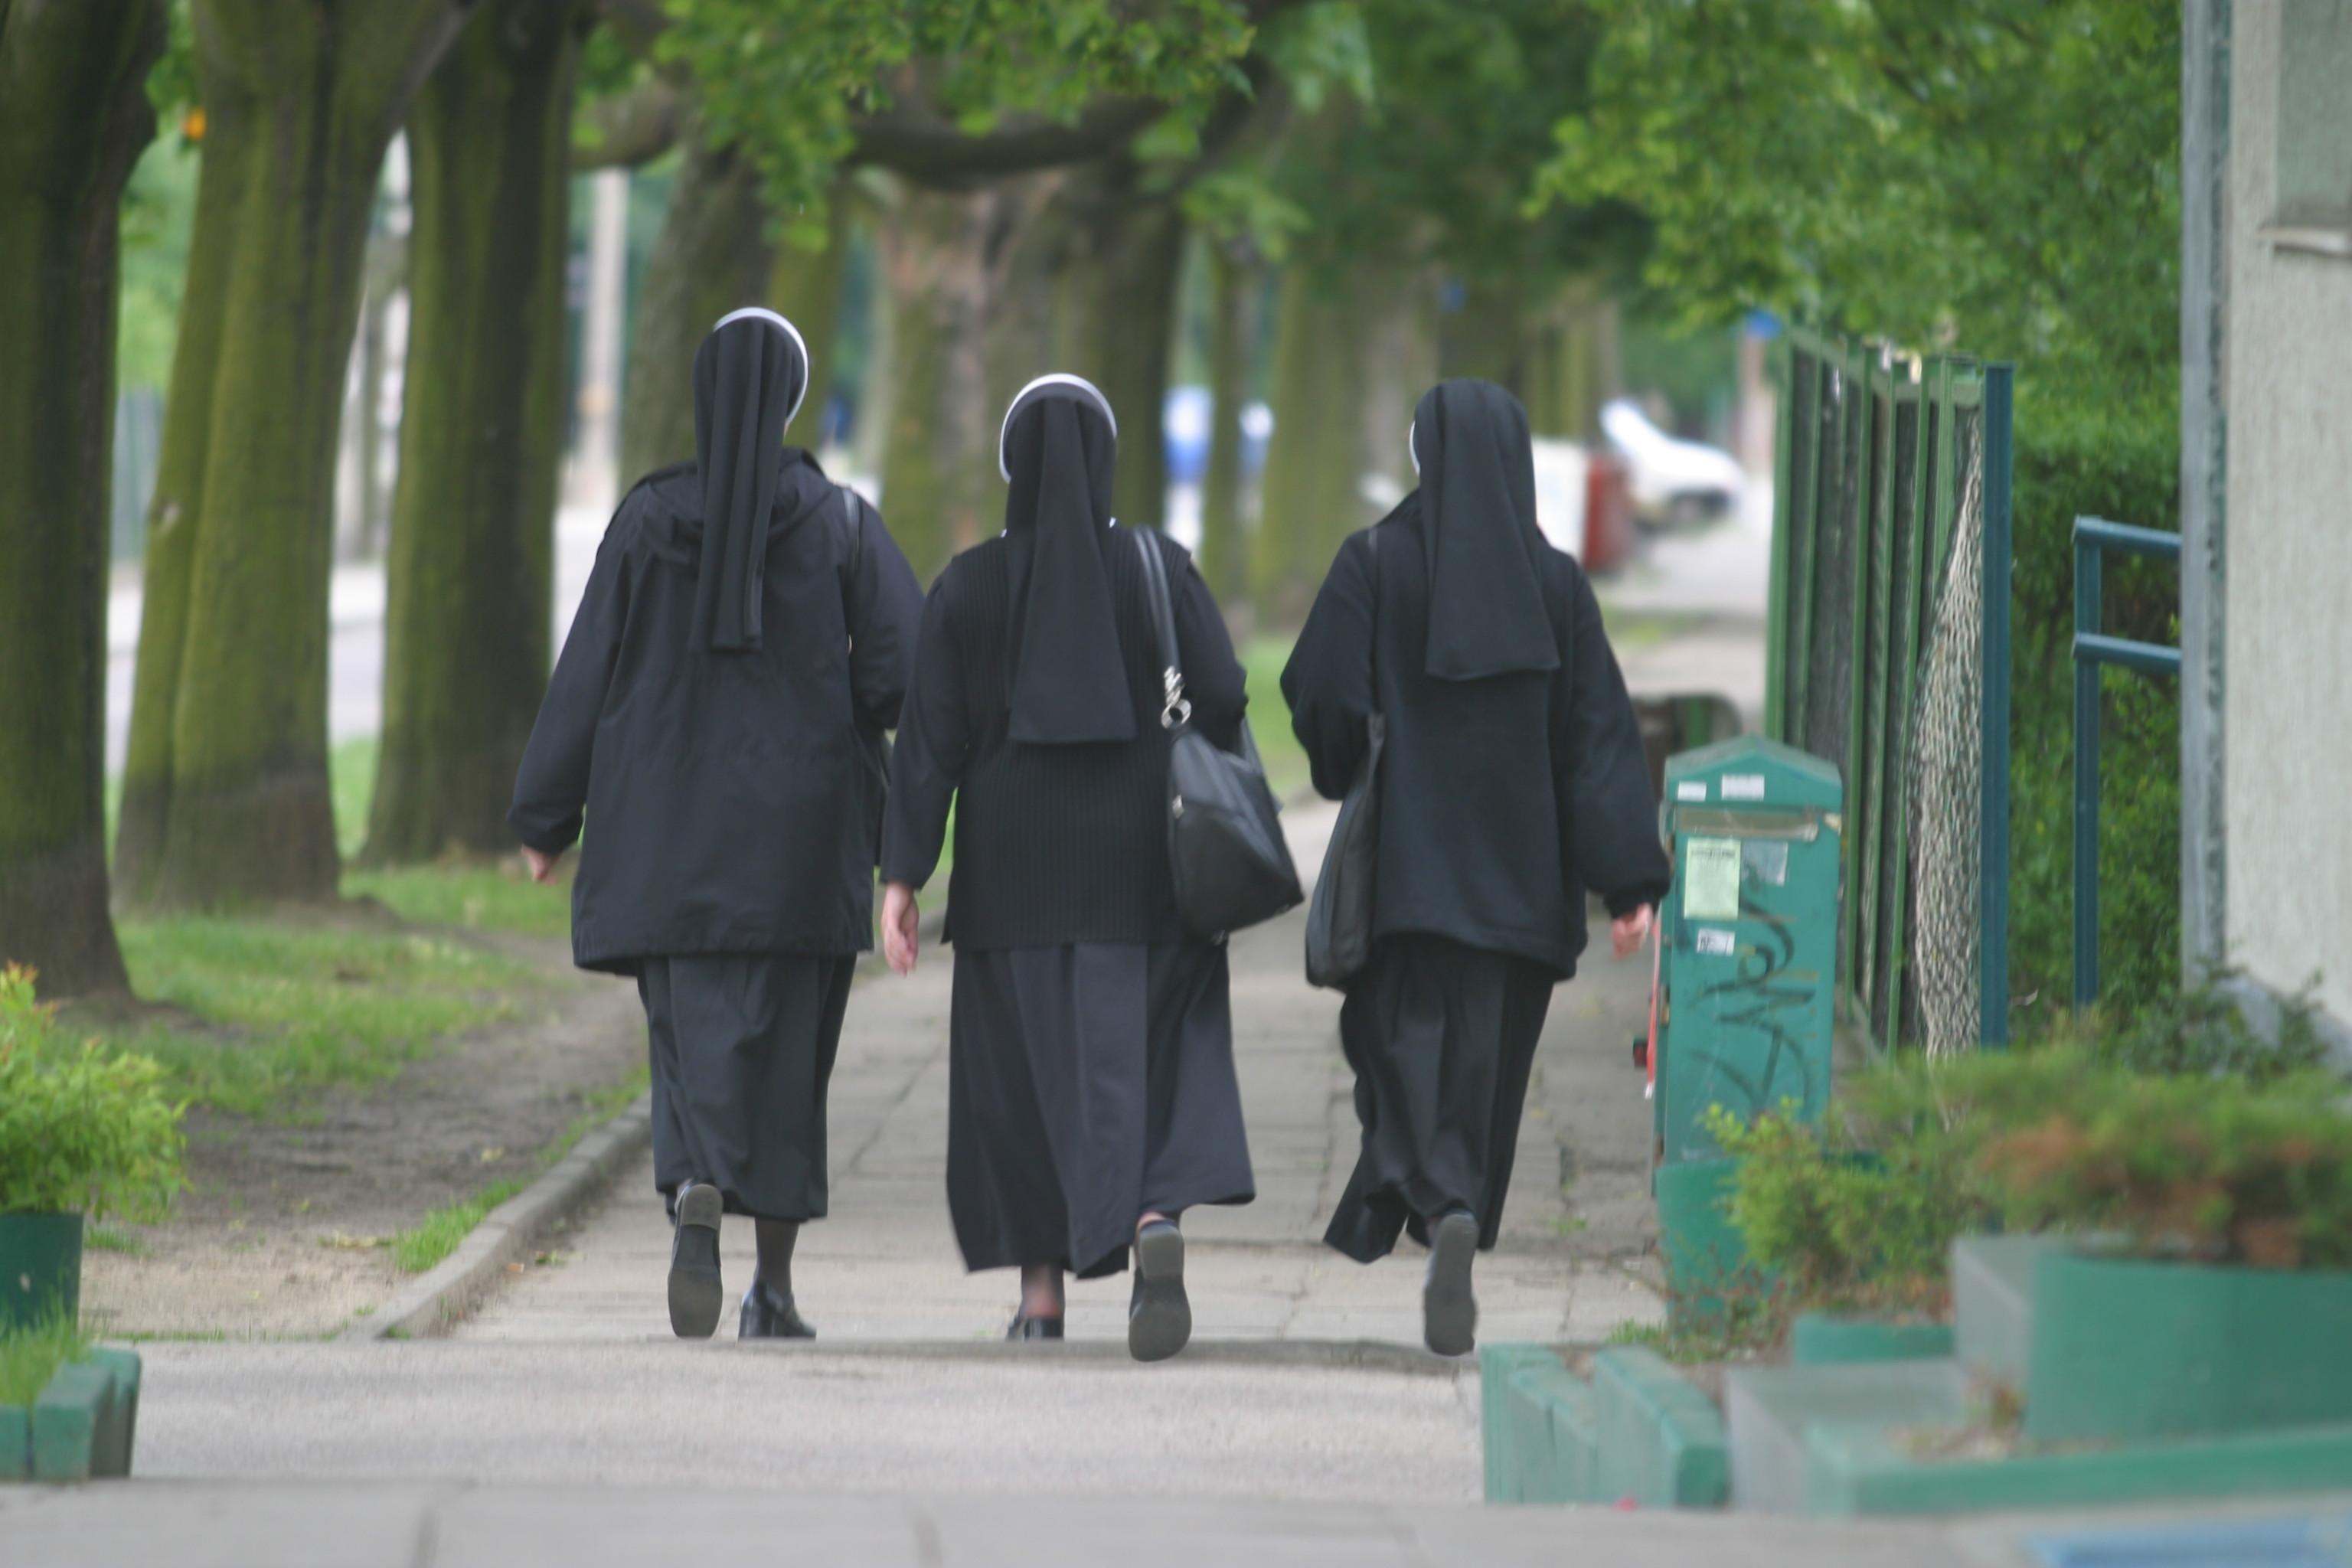 W ciągu ostatniej dekady liczba zakonnic zmniejszyła się aż o 100 tysięcy (fot. Dominik Sadowski / Agencja Gazeta)